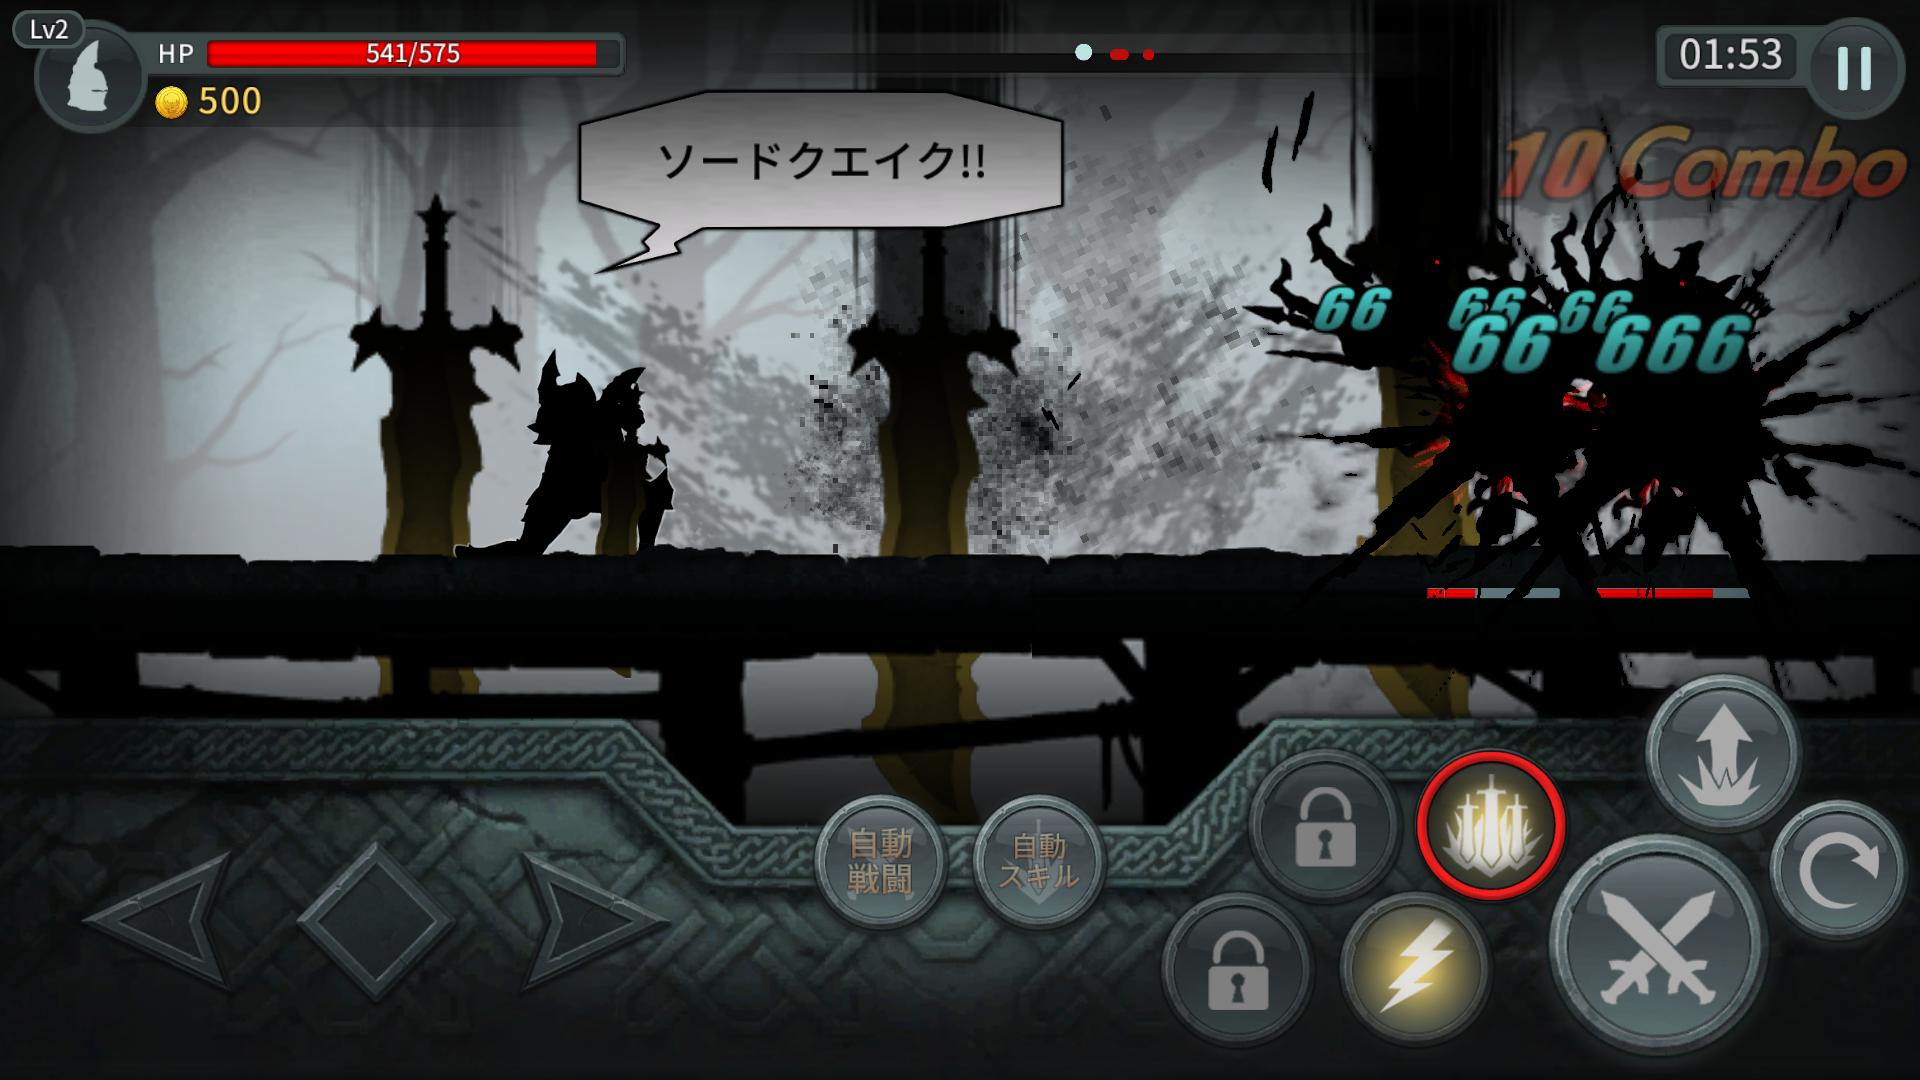 ダークソード(Dark Sword) androidアプリスクリーンショット2